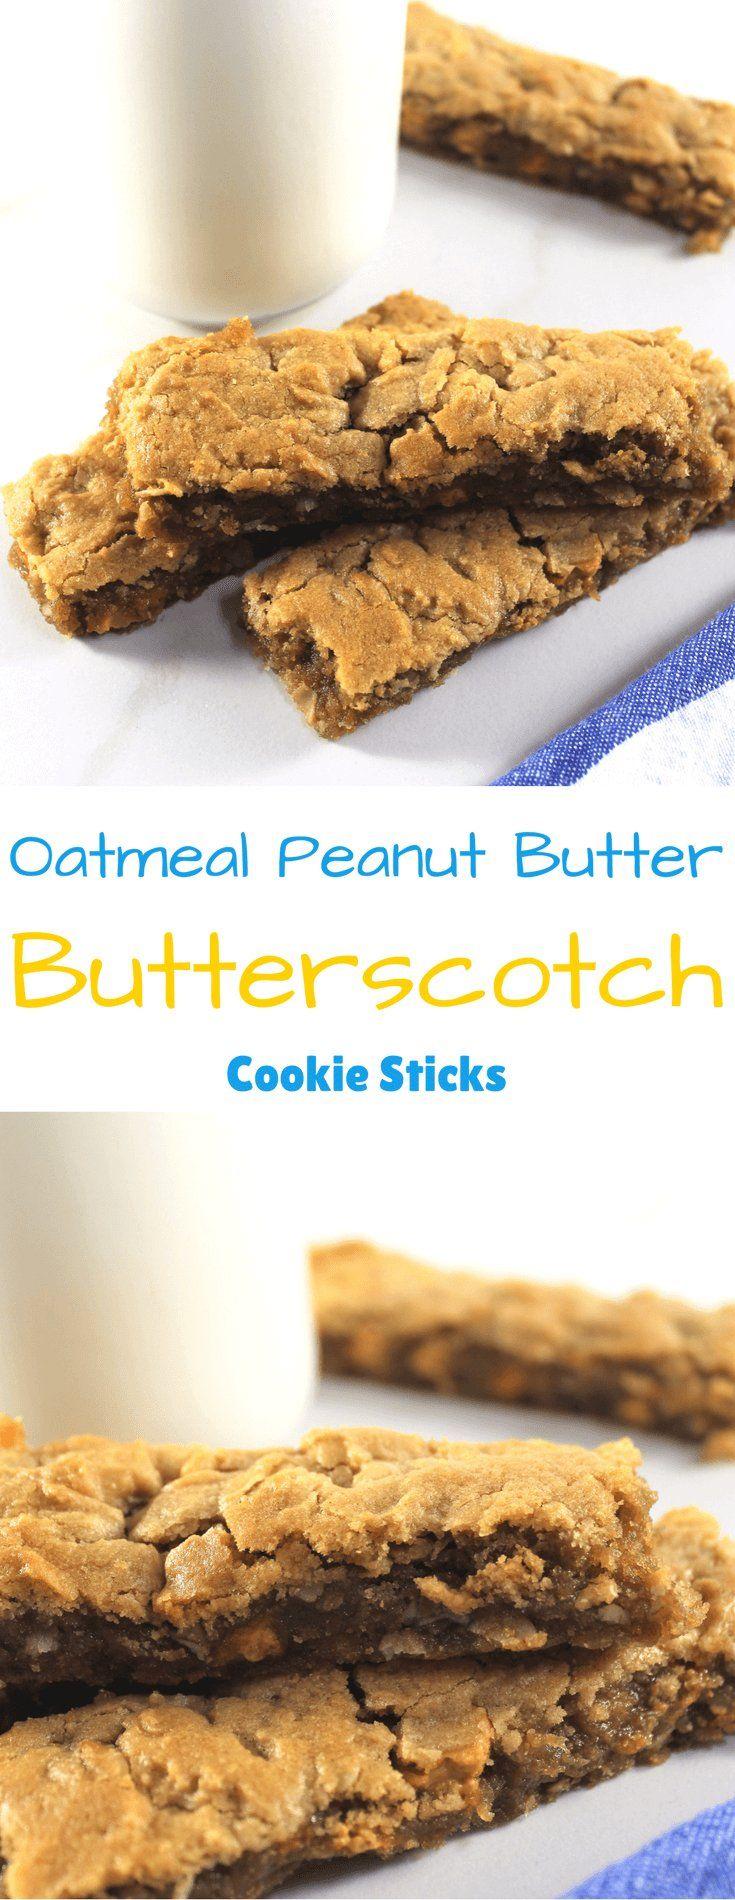 Oatmeal Peanut Butter Butterscotch Cookie Sticks